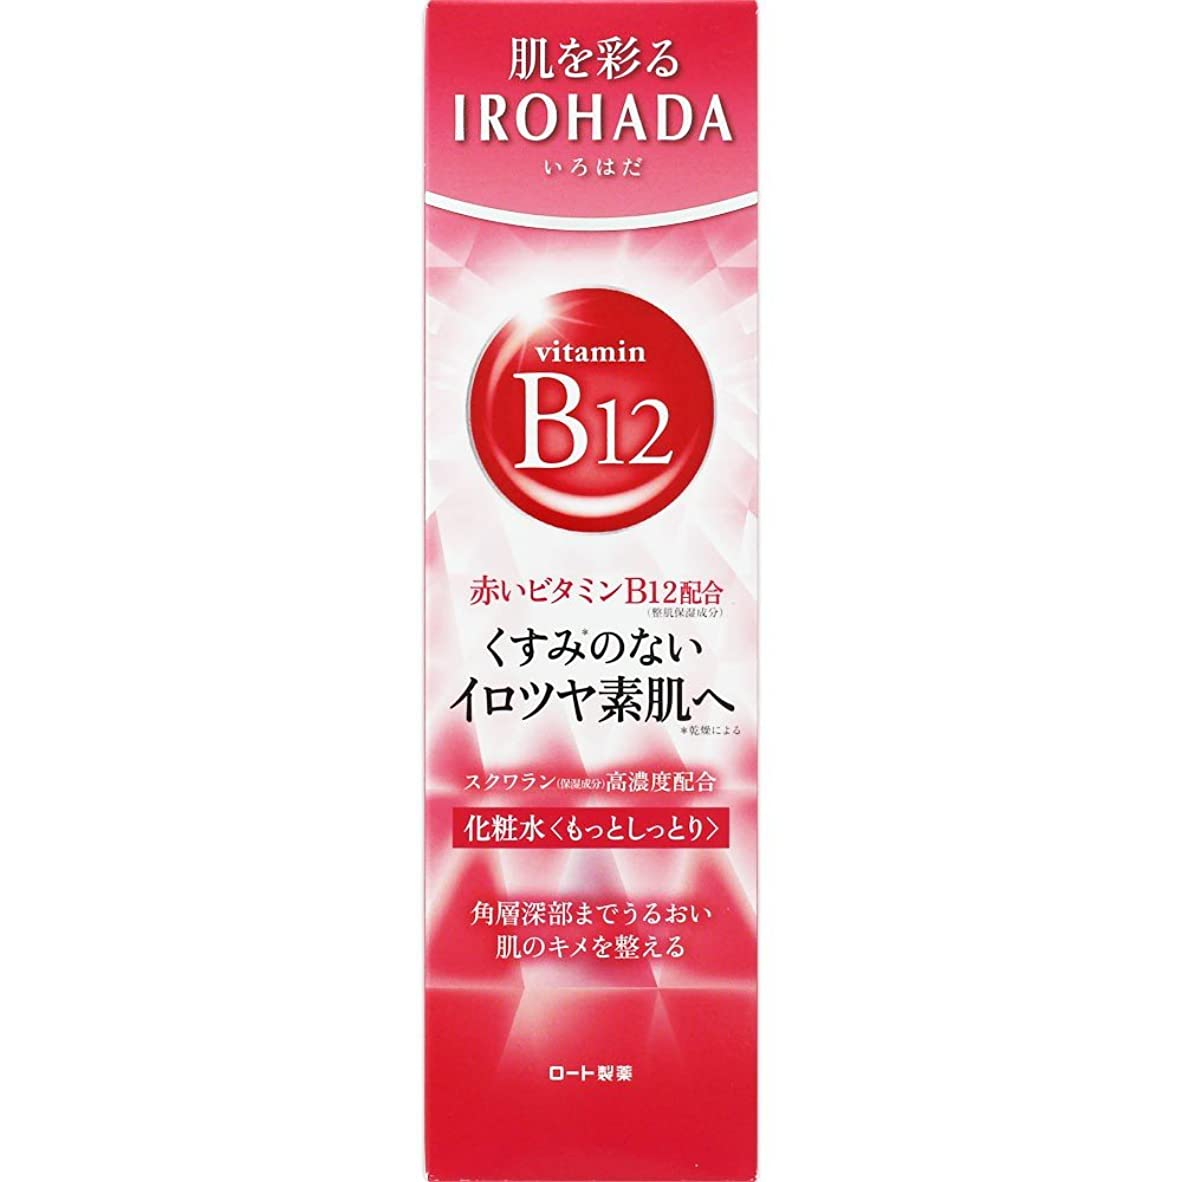 文明化する忠実に日帰り旅行にロート製薬 いろはだ (IROHADA) 赤いビタミンB12×スクワラン配合 化粧水もっとしっとり 160ml